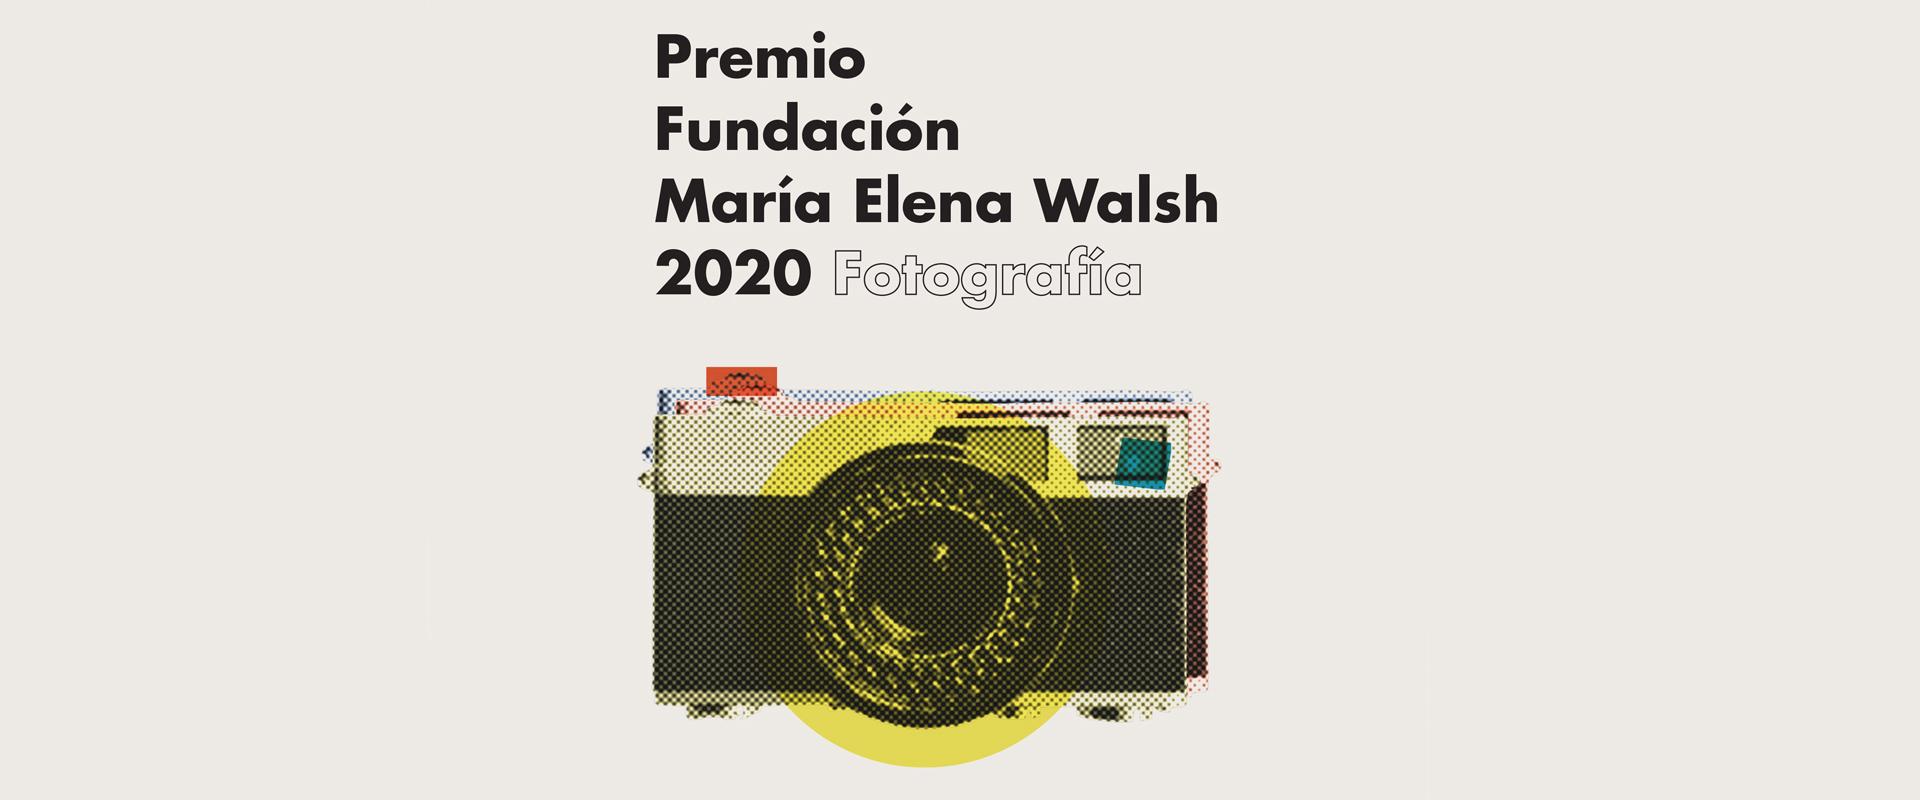 Premio Fundación María Elena Walsh